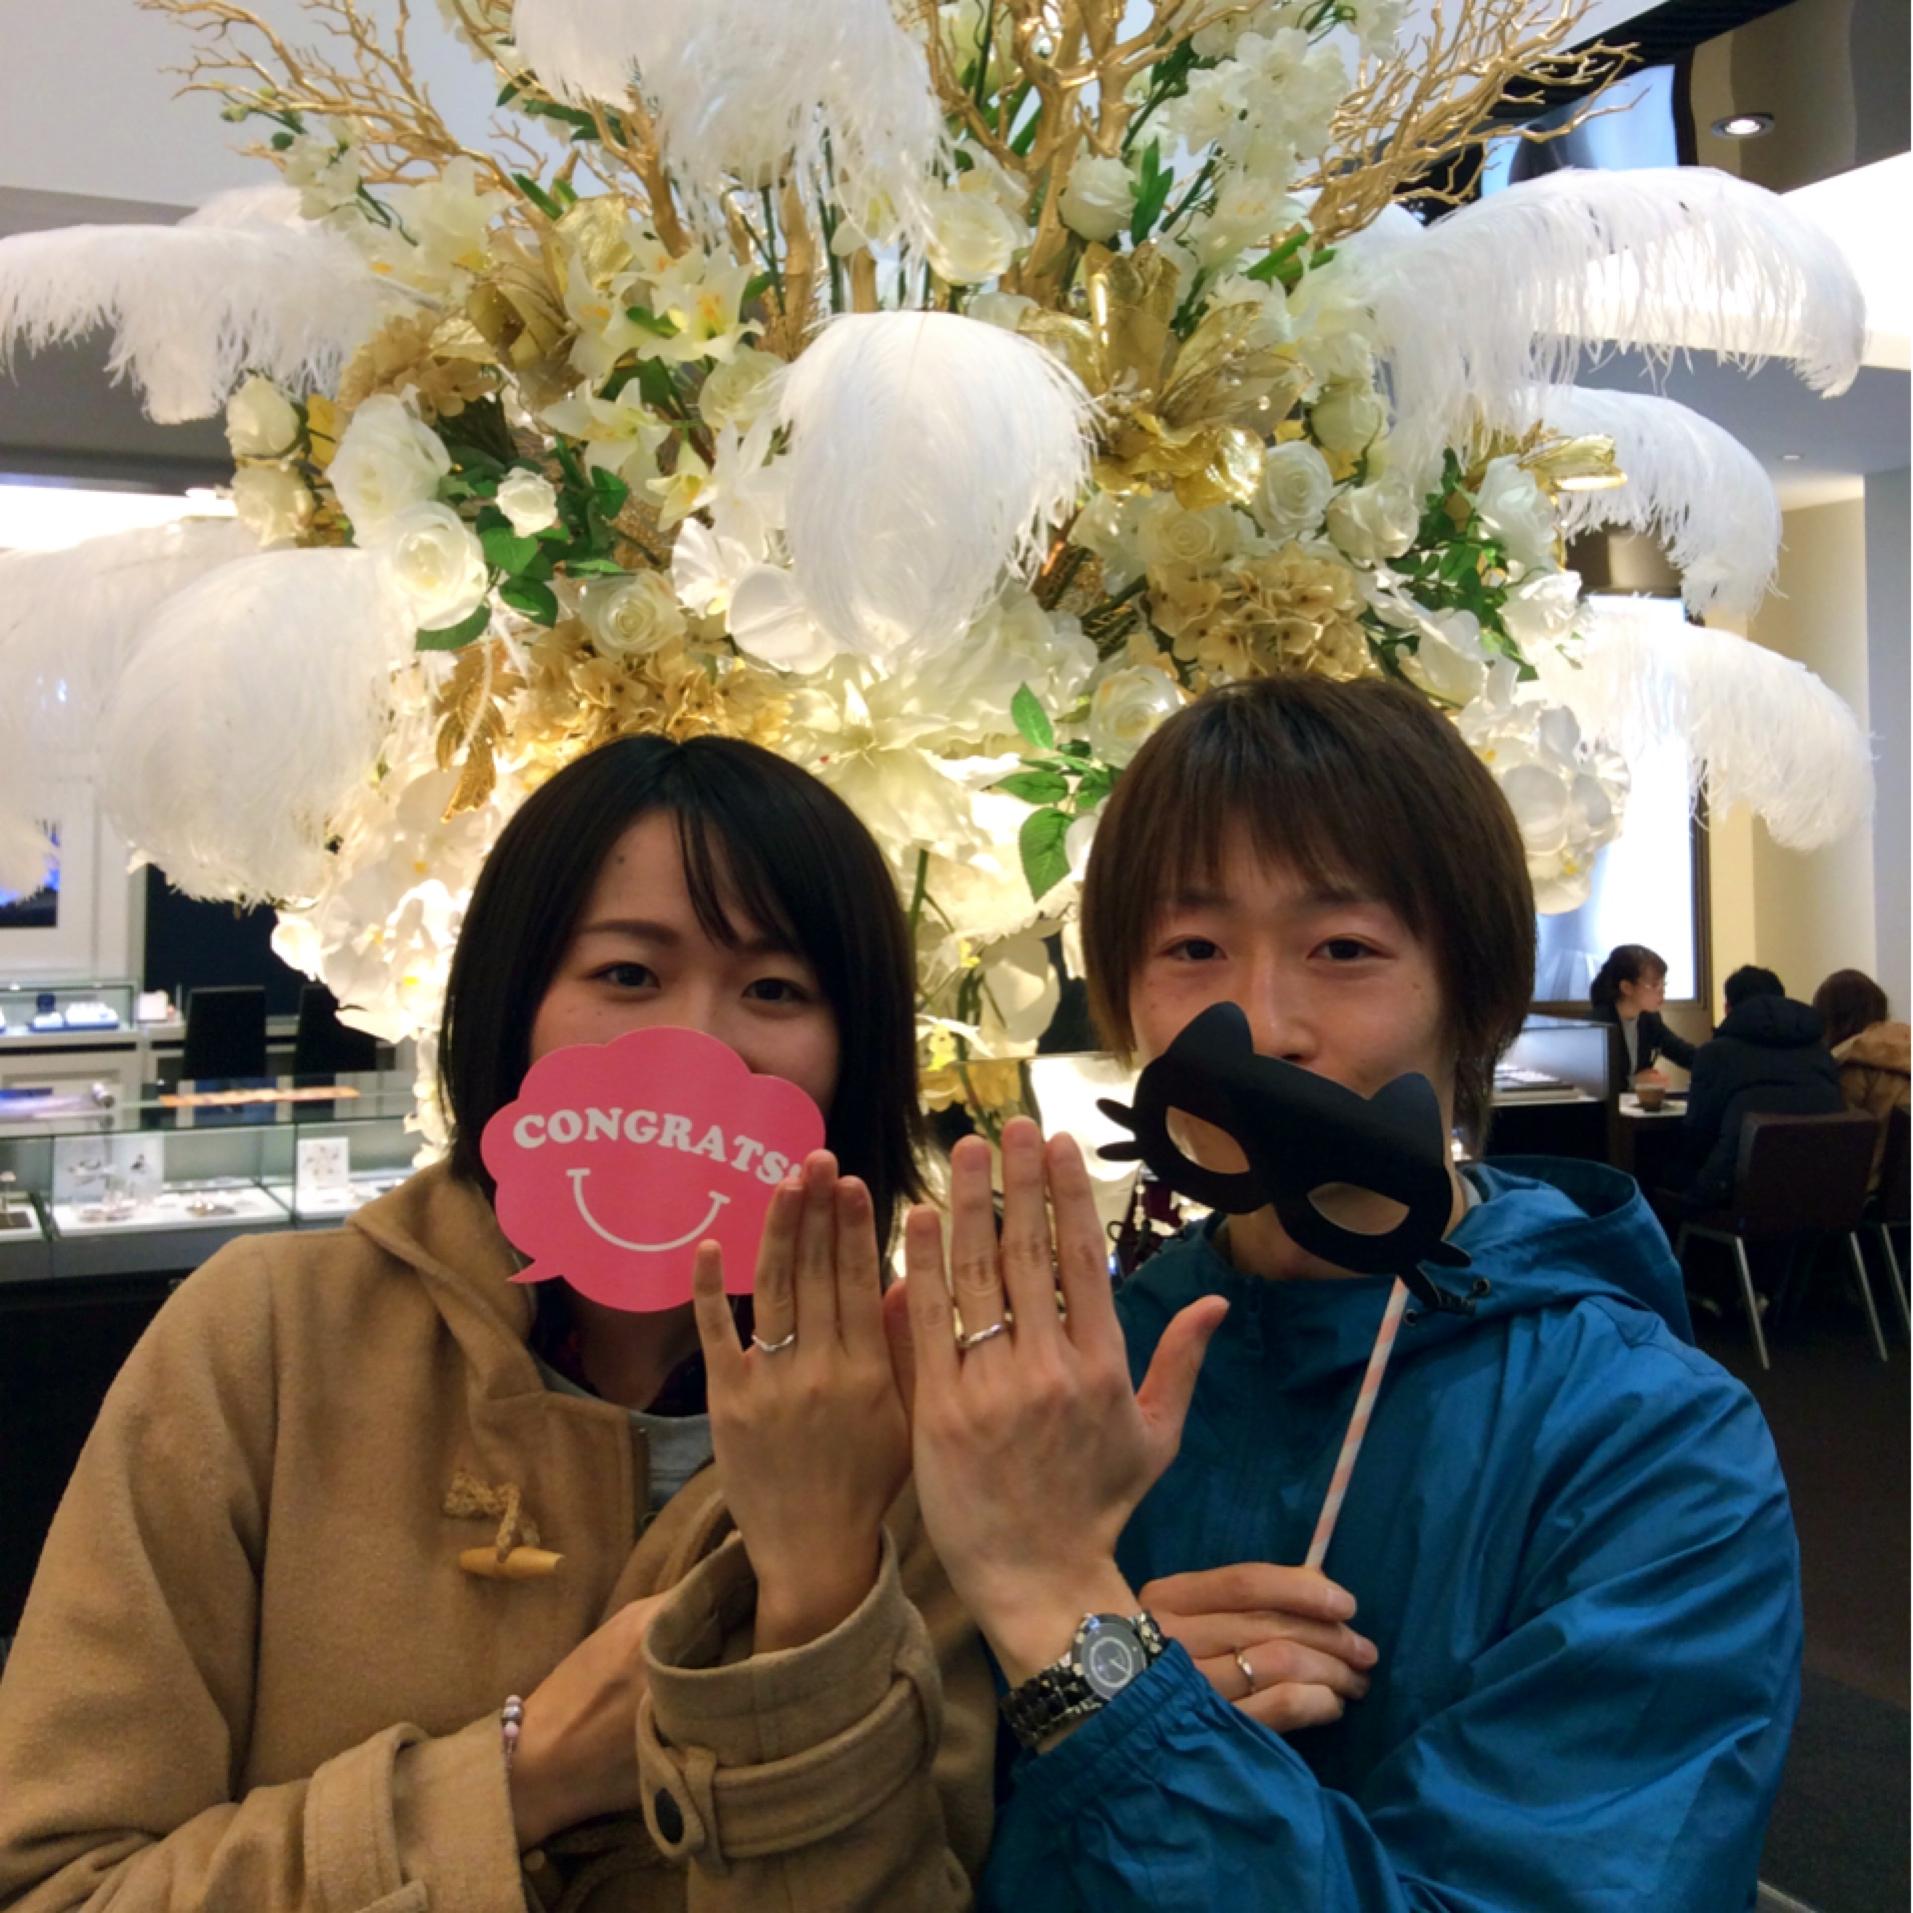 プラチナの結婚指輪 『俄(にわか)、初桜🌸(ういざくら)』